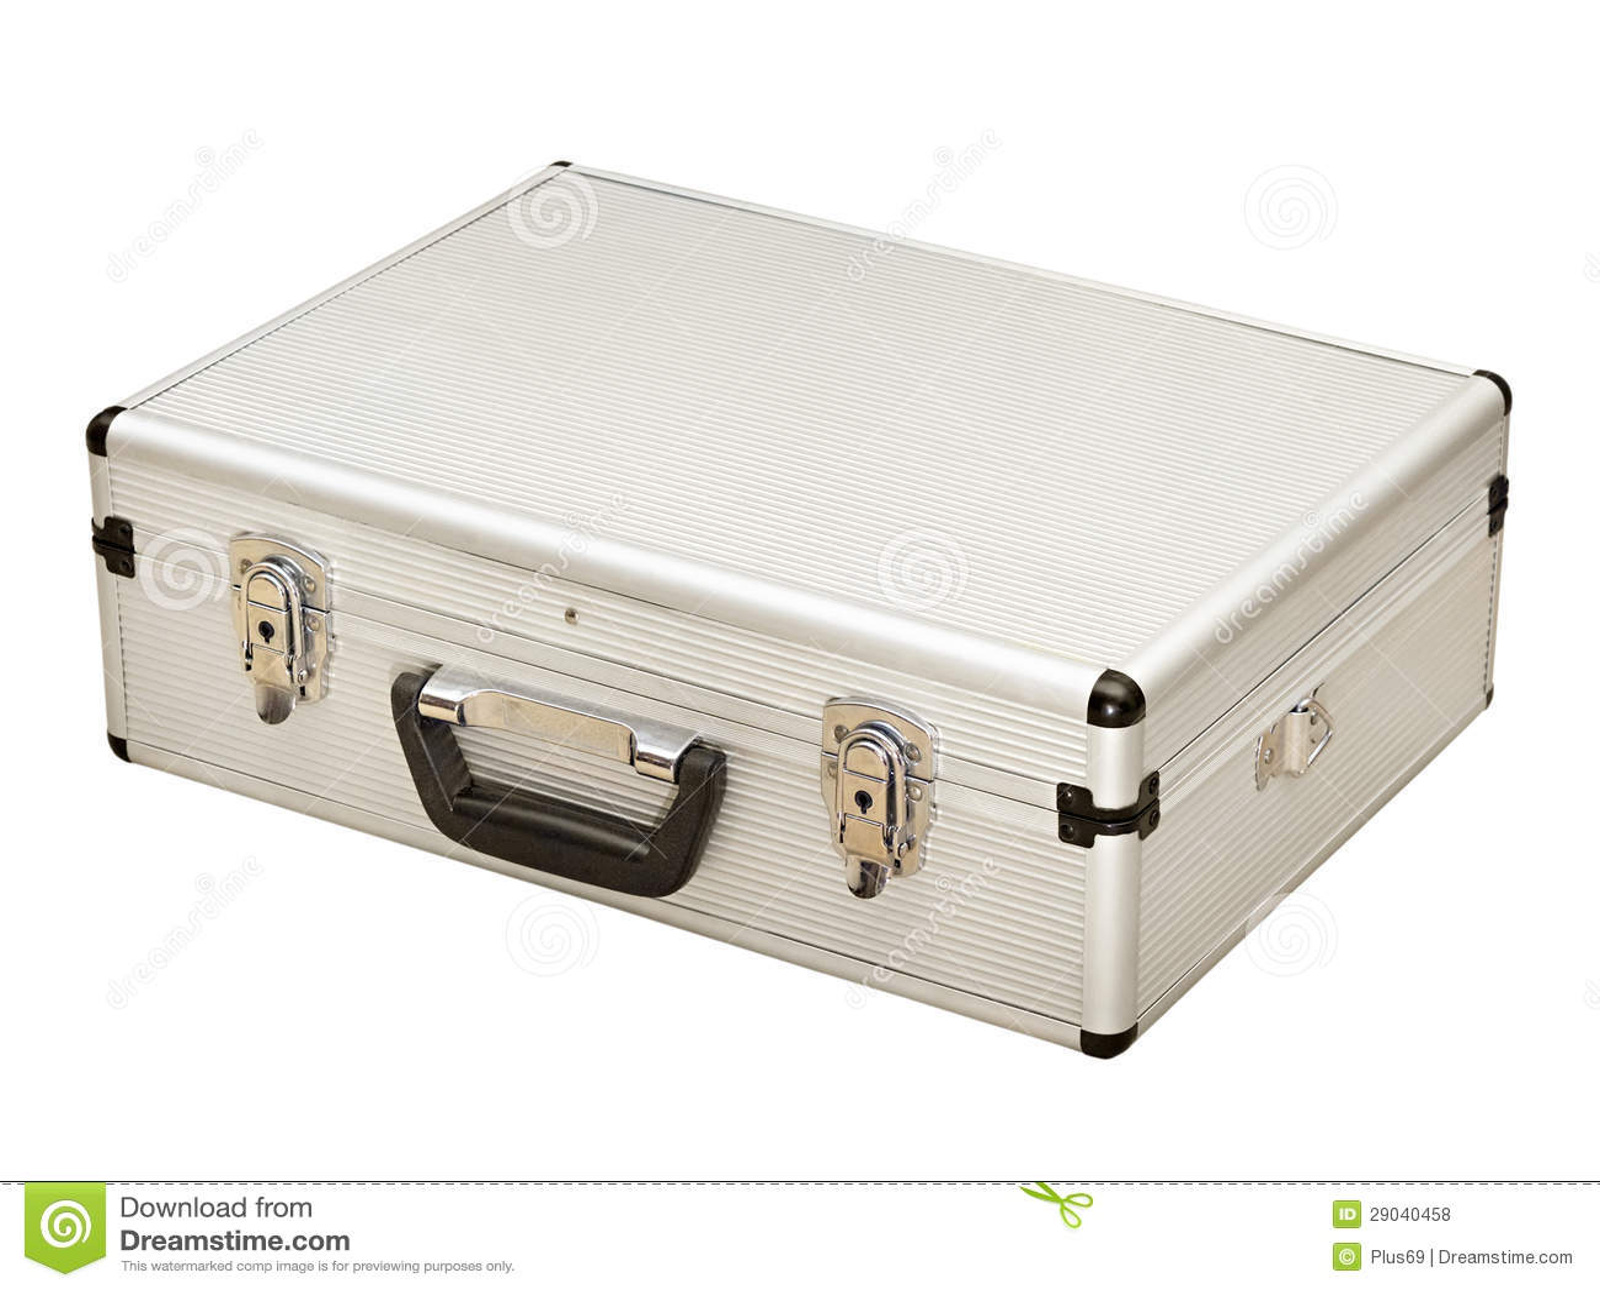 valise grise en m tal photos libres de droits image. Black Bedroom Furniture Sets. Home Design Ideas